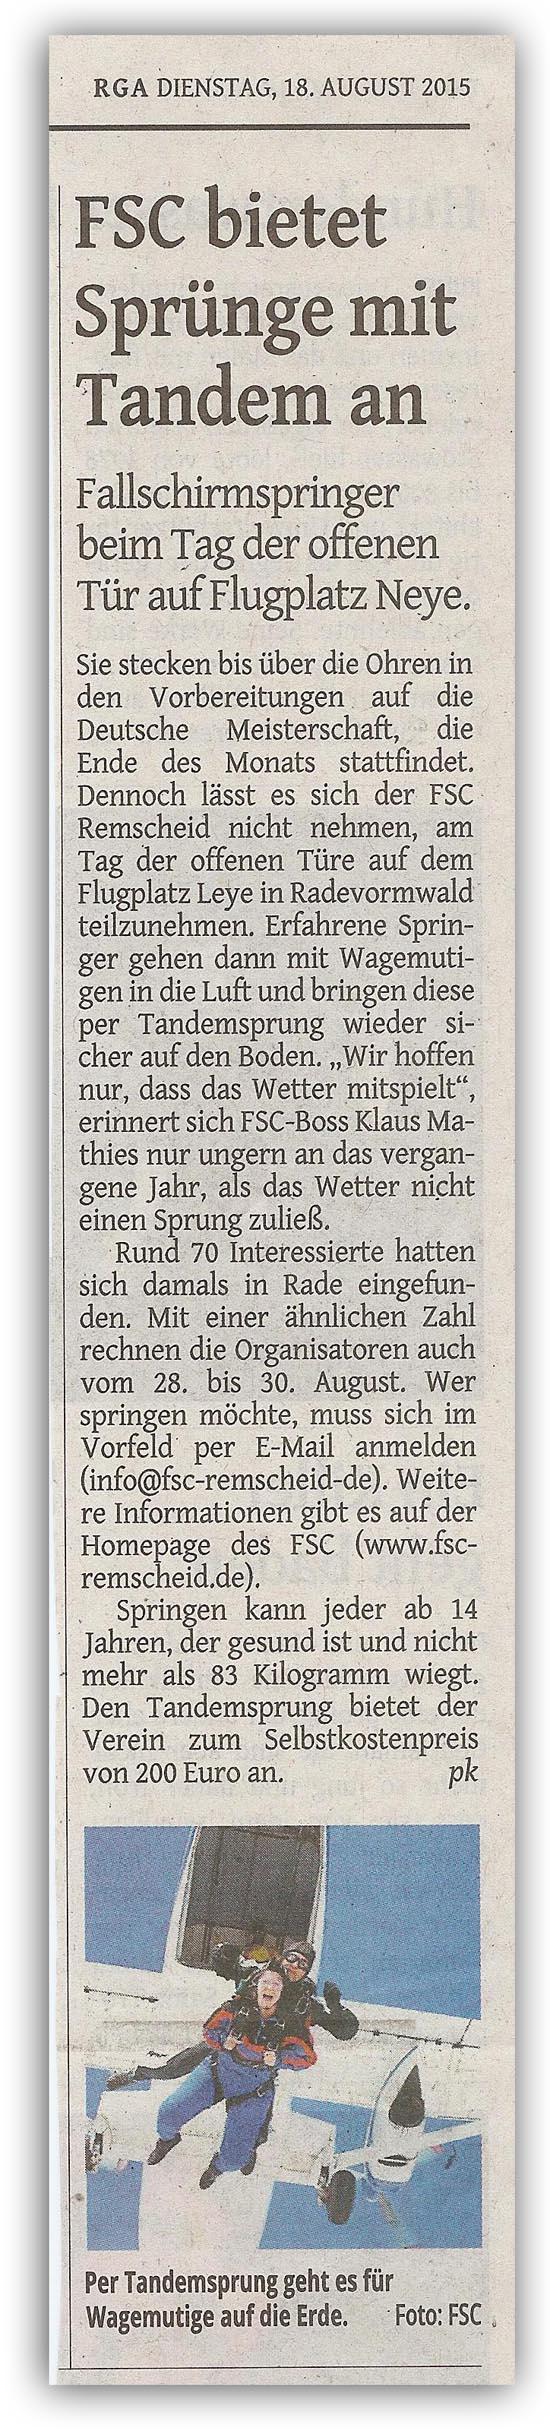 Zeitungsartikel_Tag der_offenen_tuer_vom_18.08.15